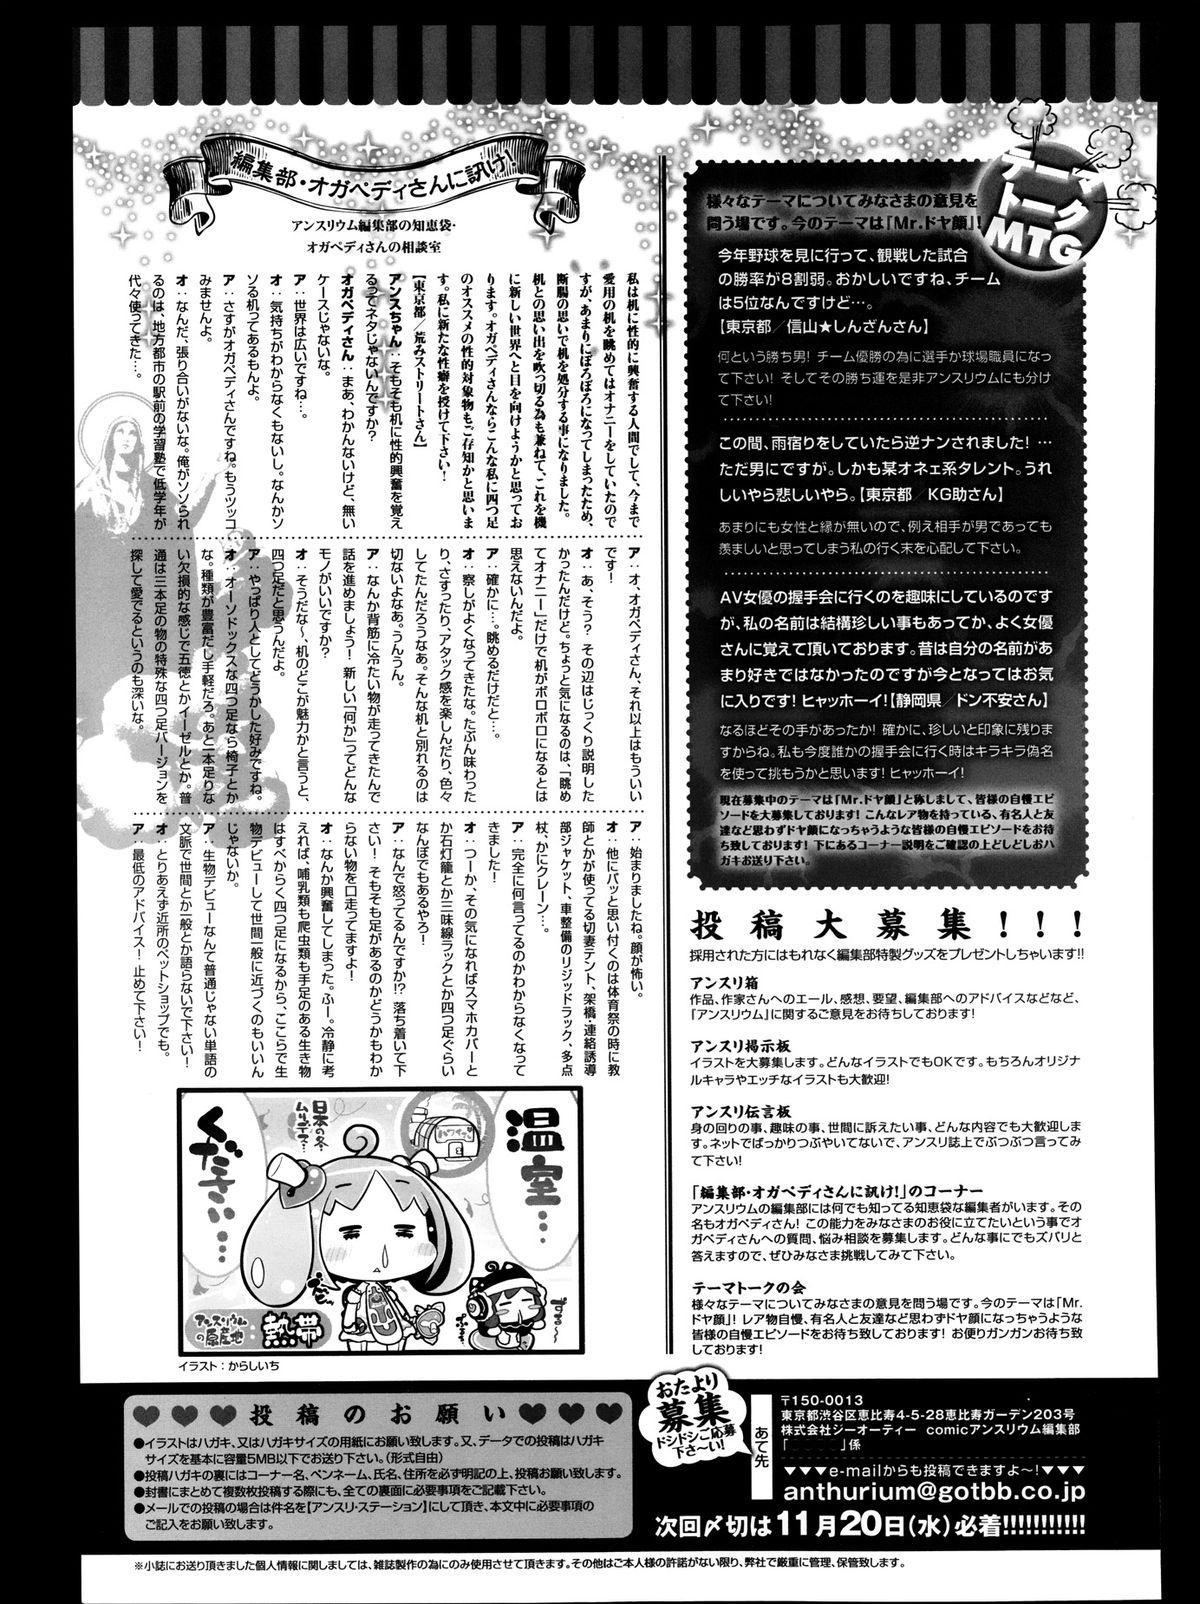 Comic Anthurium 008 2013-12 385